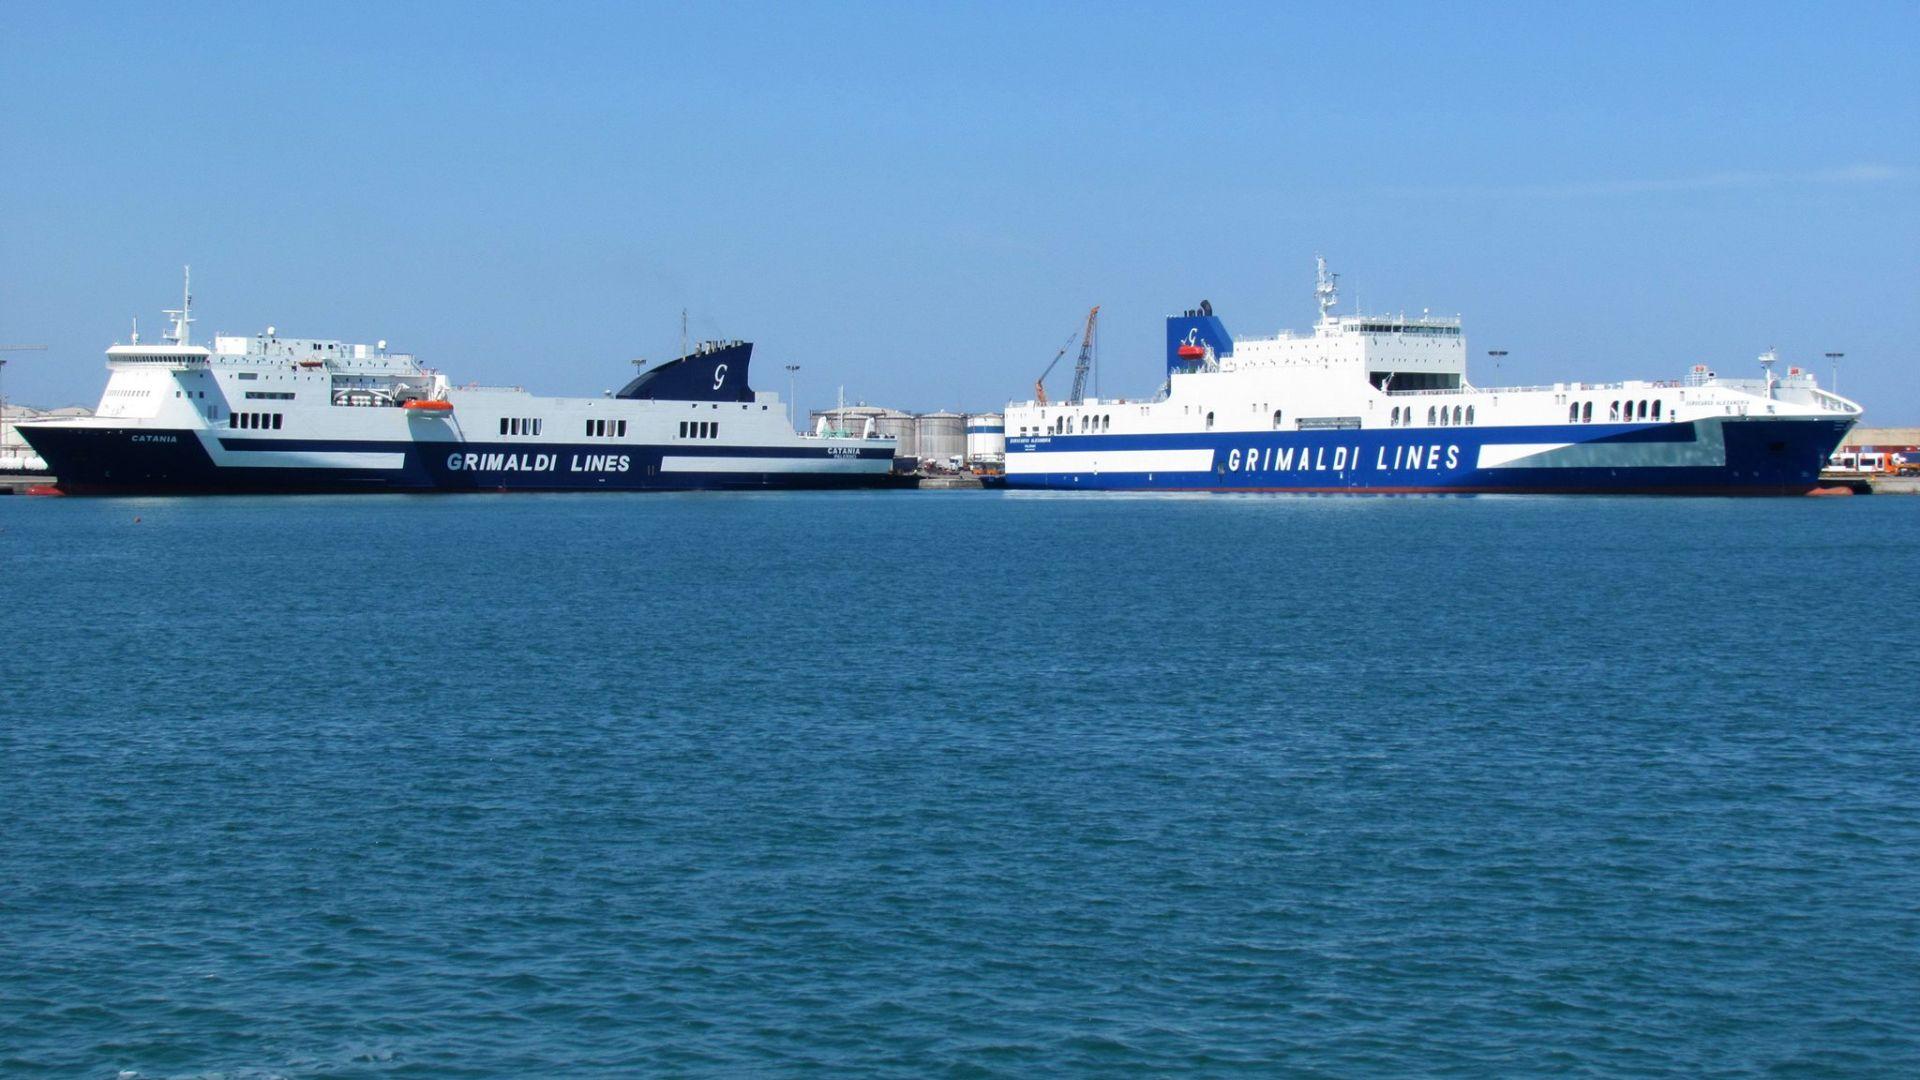 Български моряк загина на кораб край Сардиния, други трима са ранени